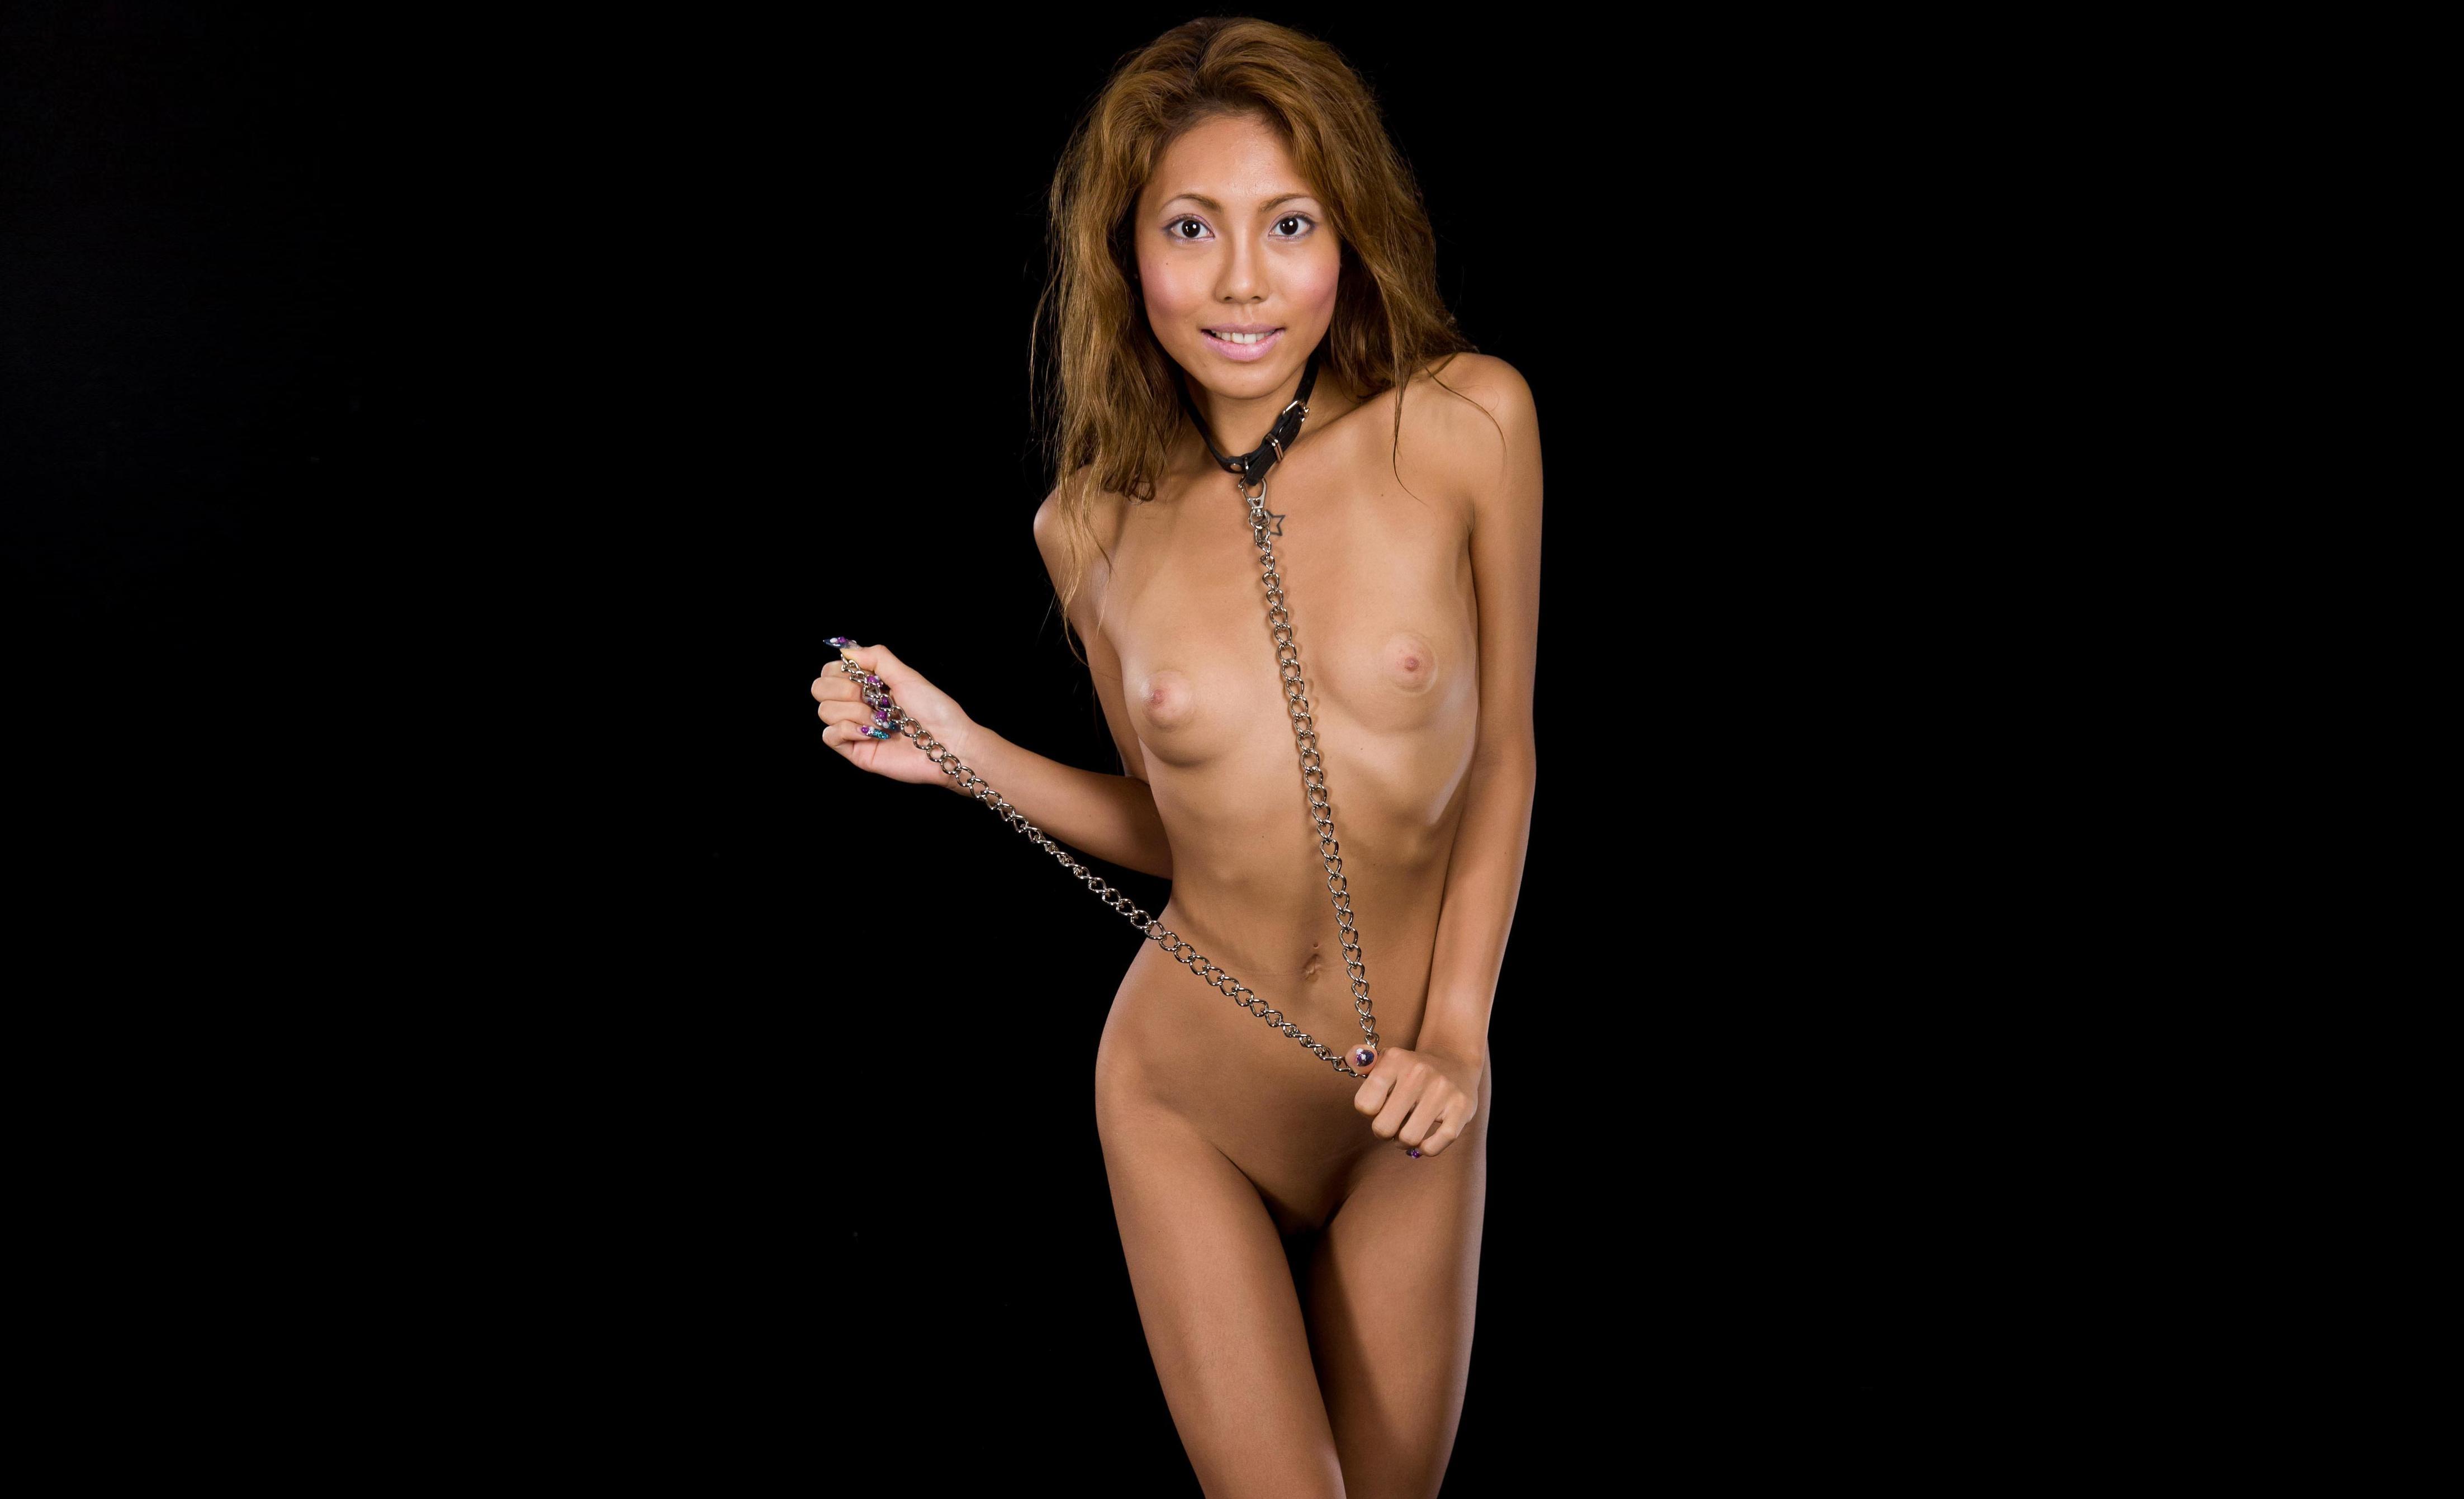 full body naked pornwomen sexy